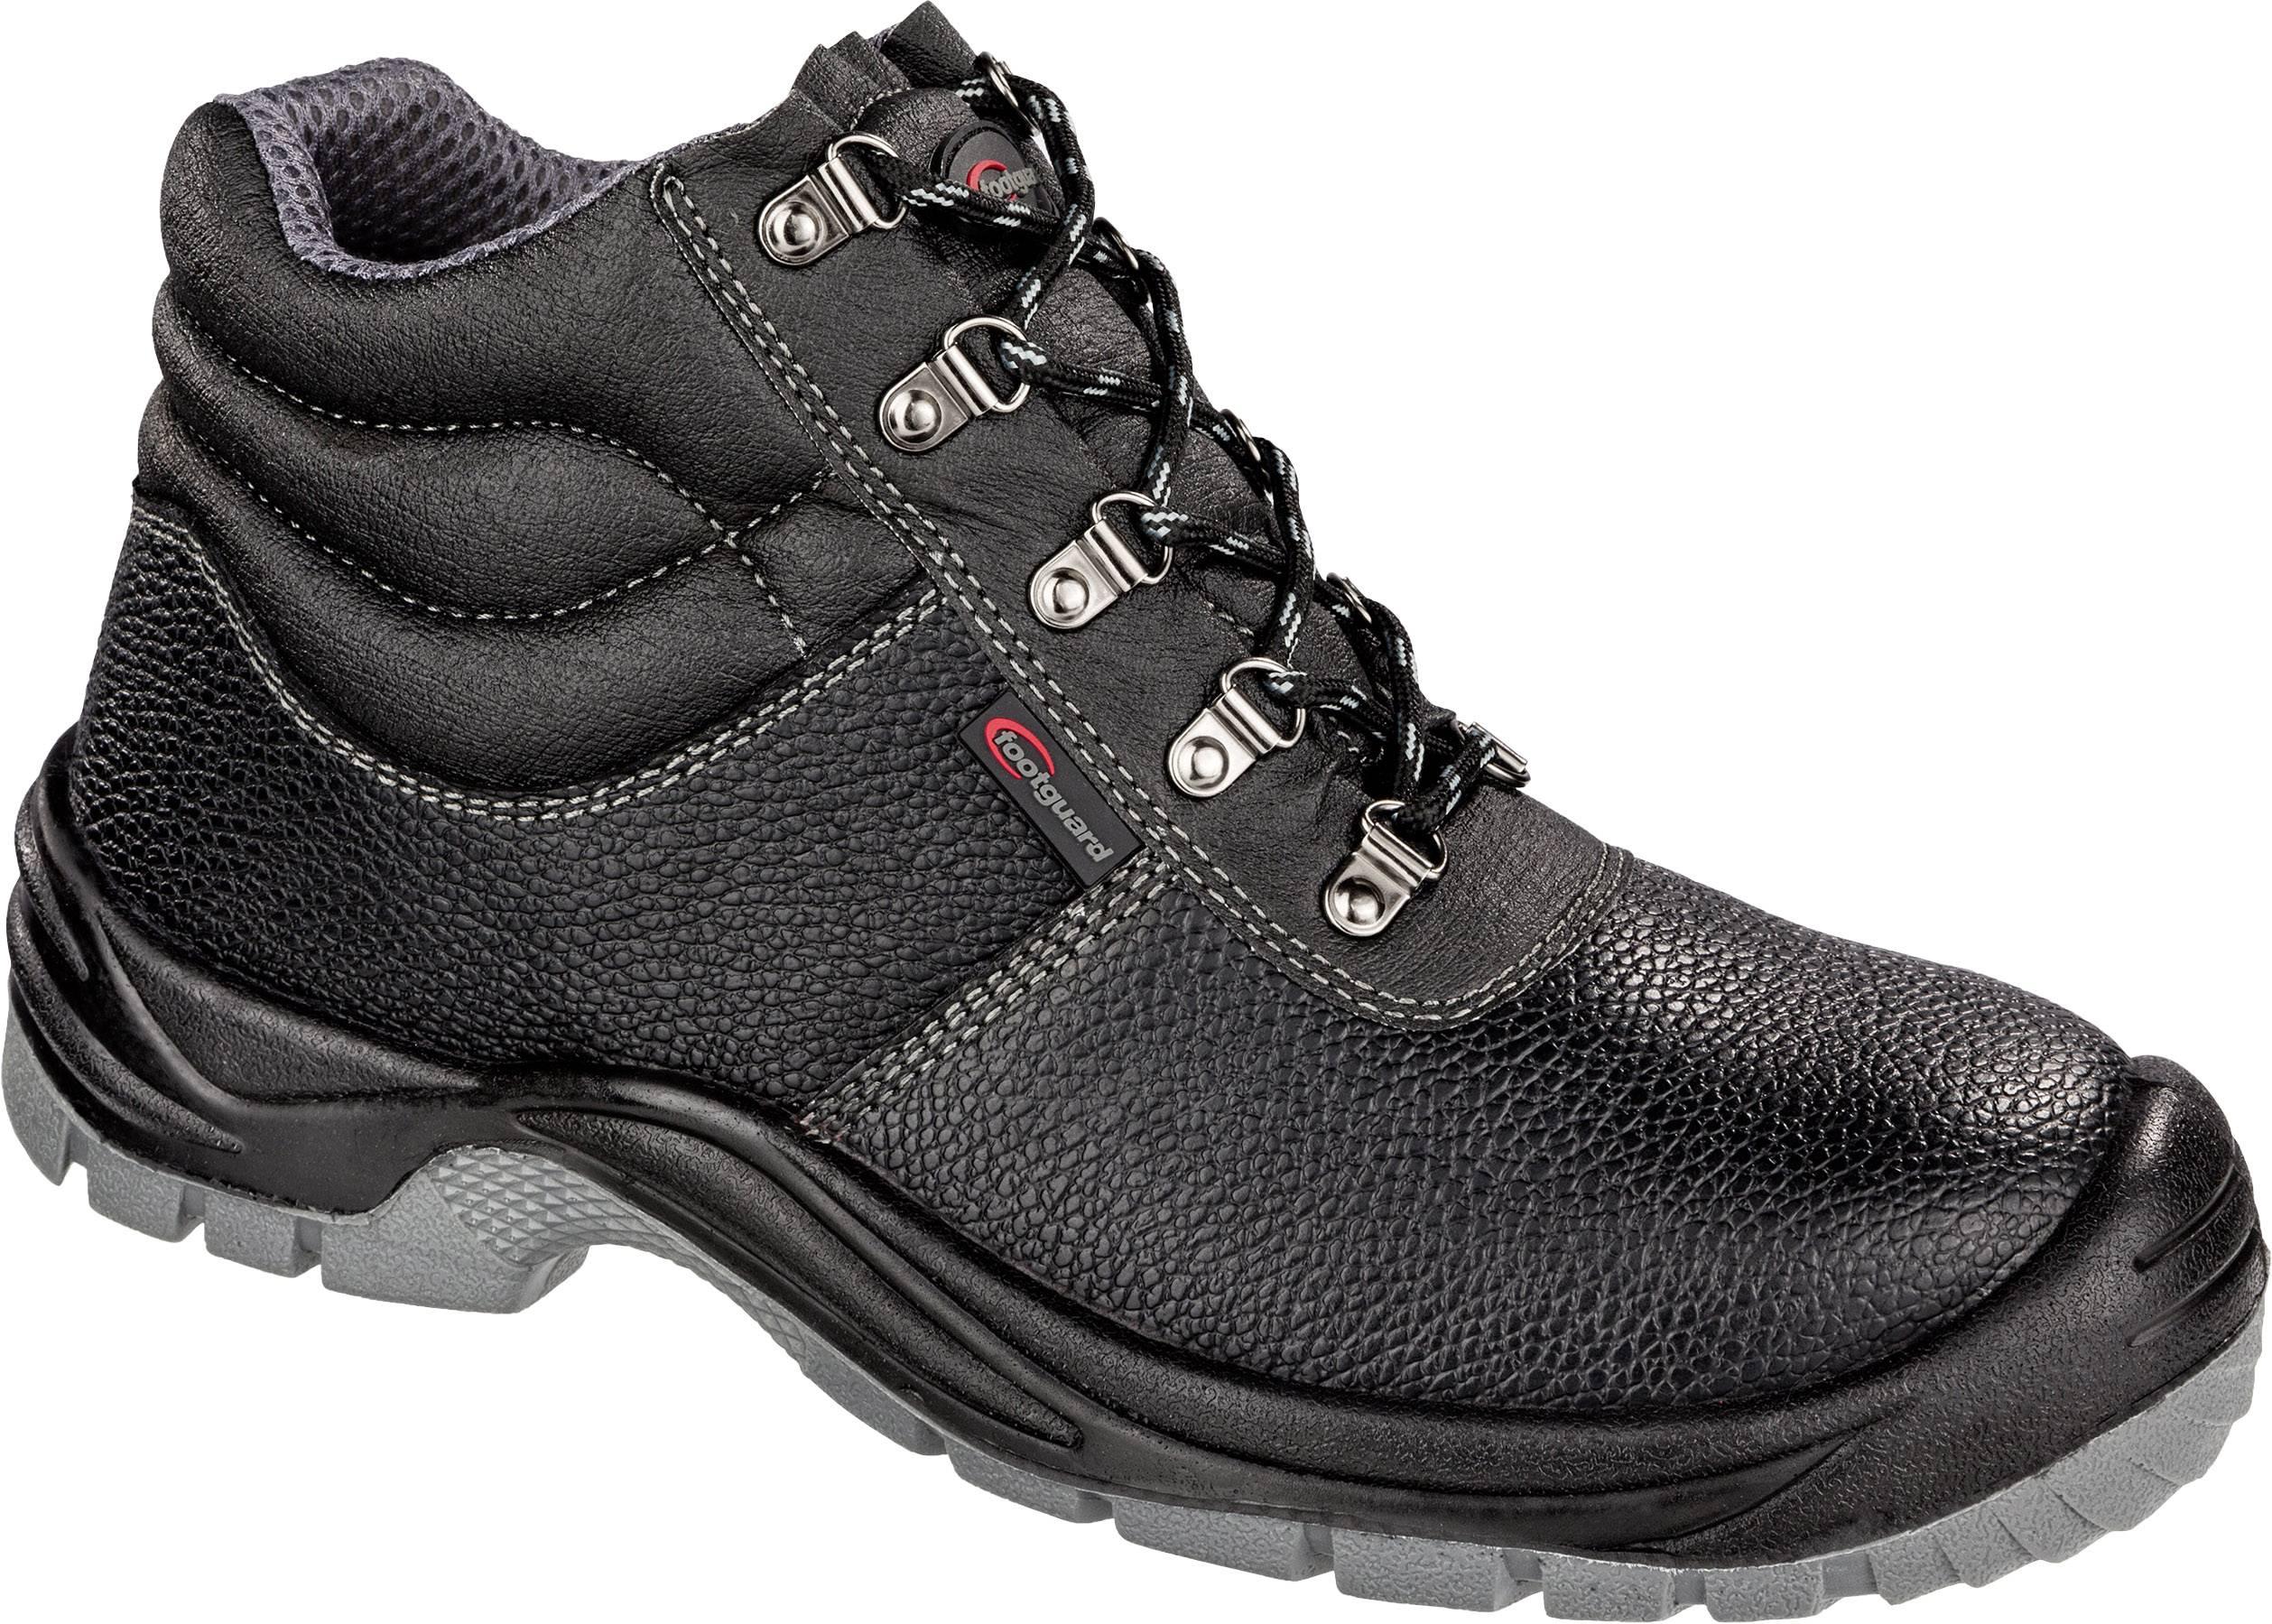 Pracovní obuv Footguard, 631900, vel. 43